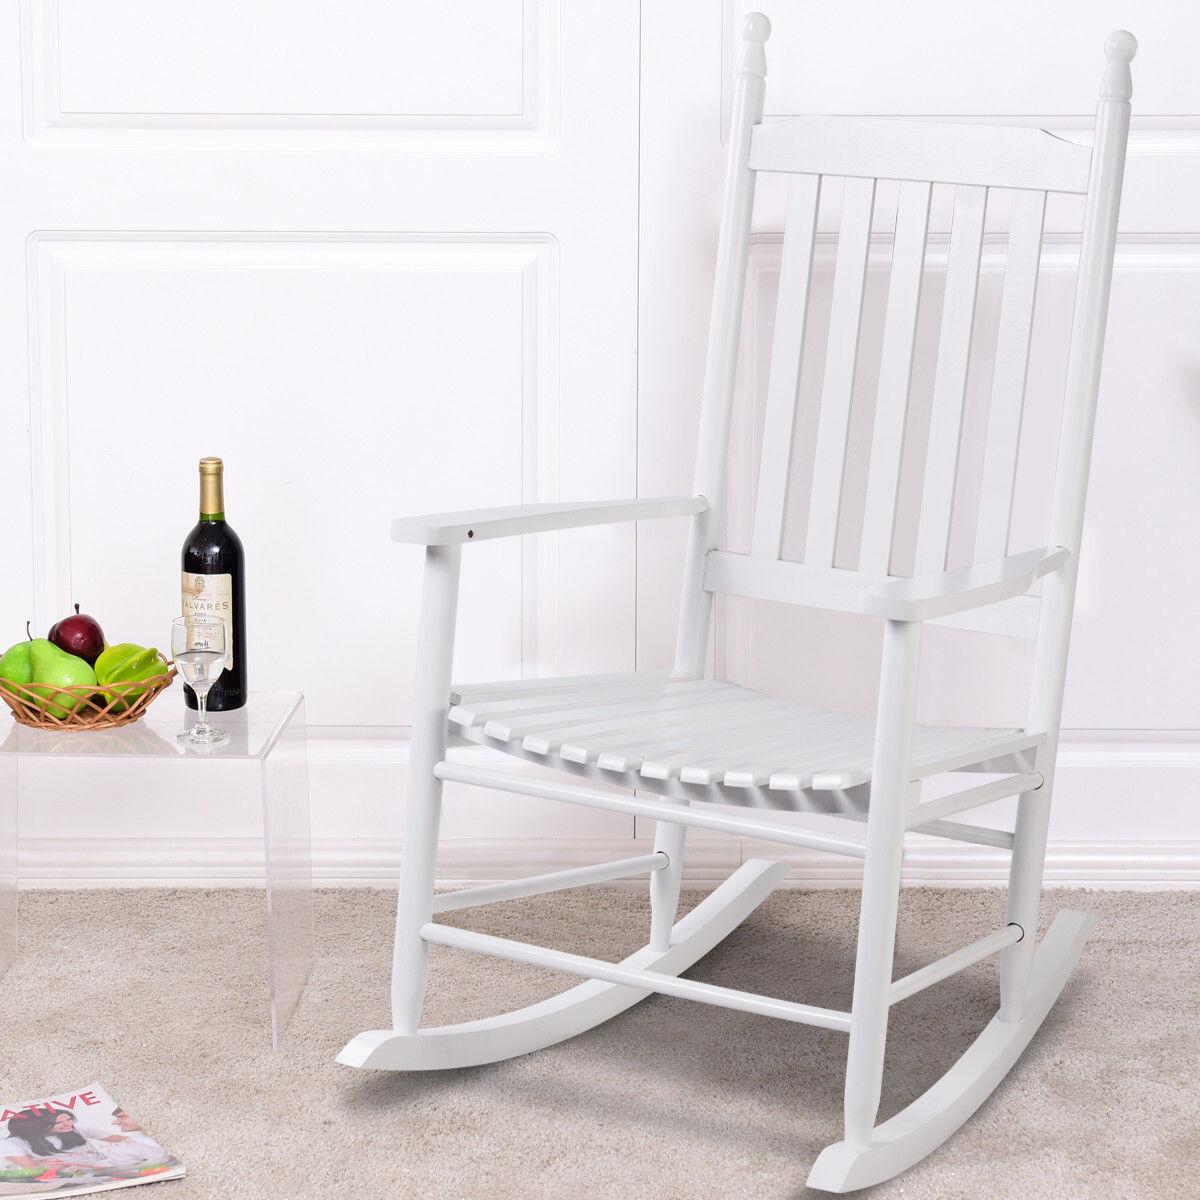 Garden Furniture - Wood Rocking Chair Porch Rocker Patio Deck Garden Backyard Furniture White New